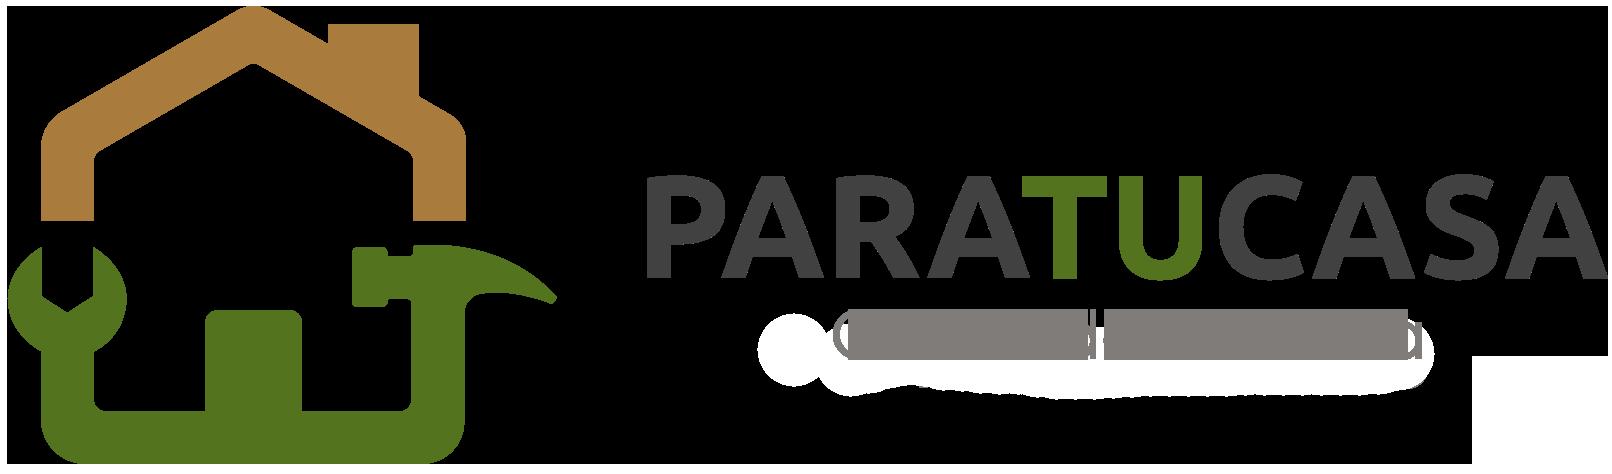 Paratucasa